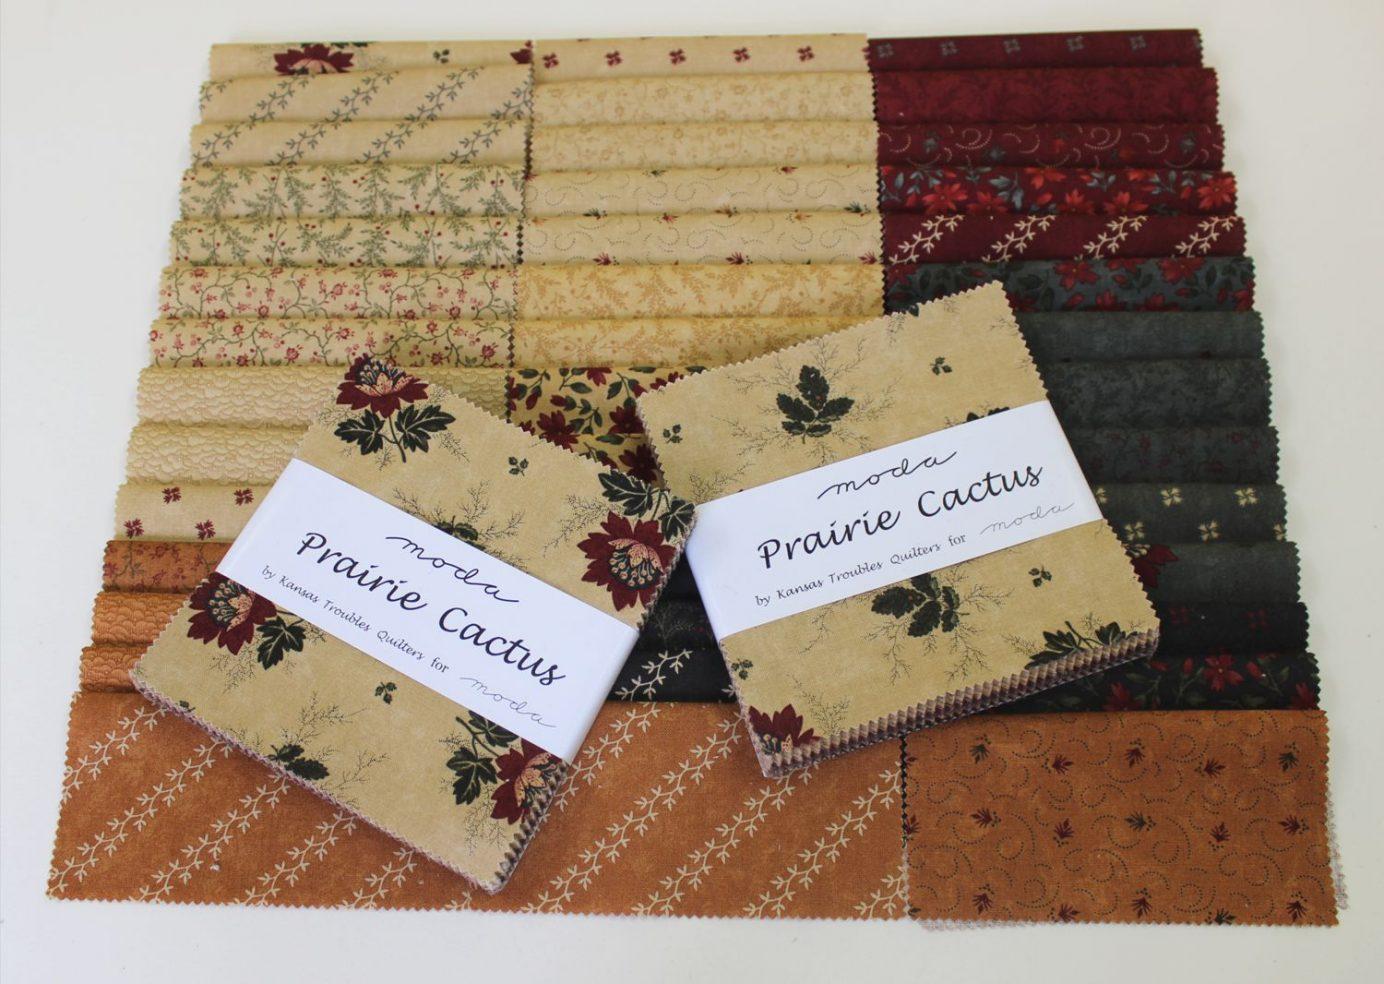 prairie-cactus-charm-packby-moda-2